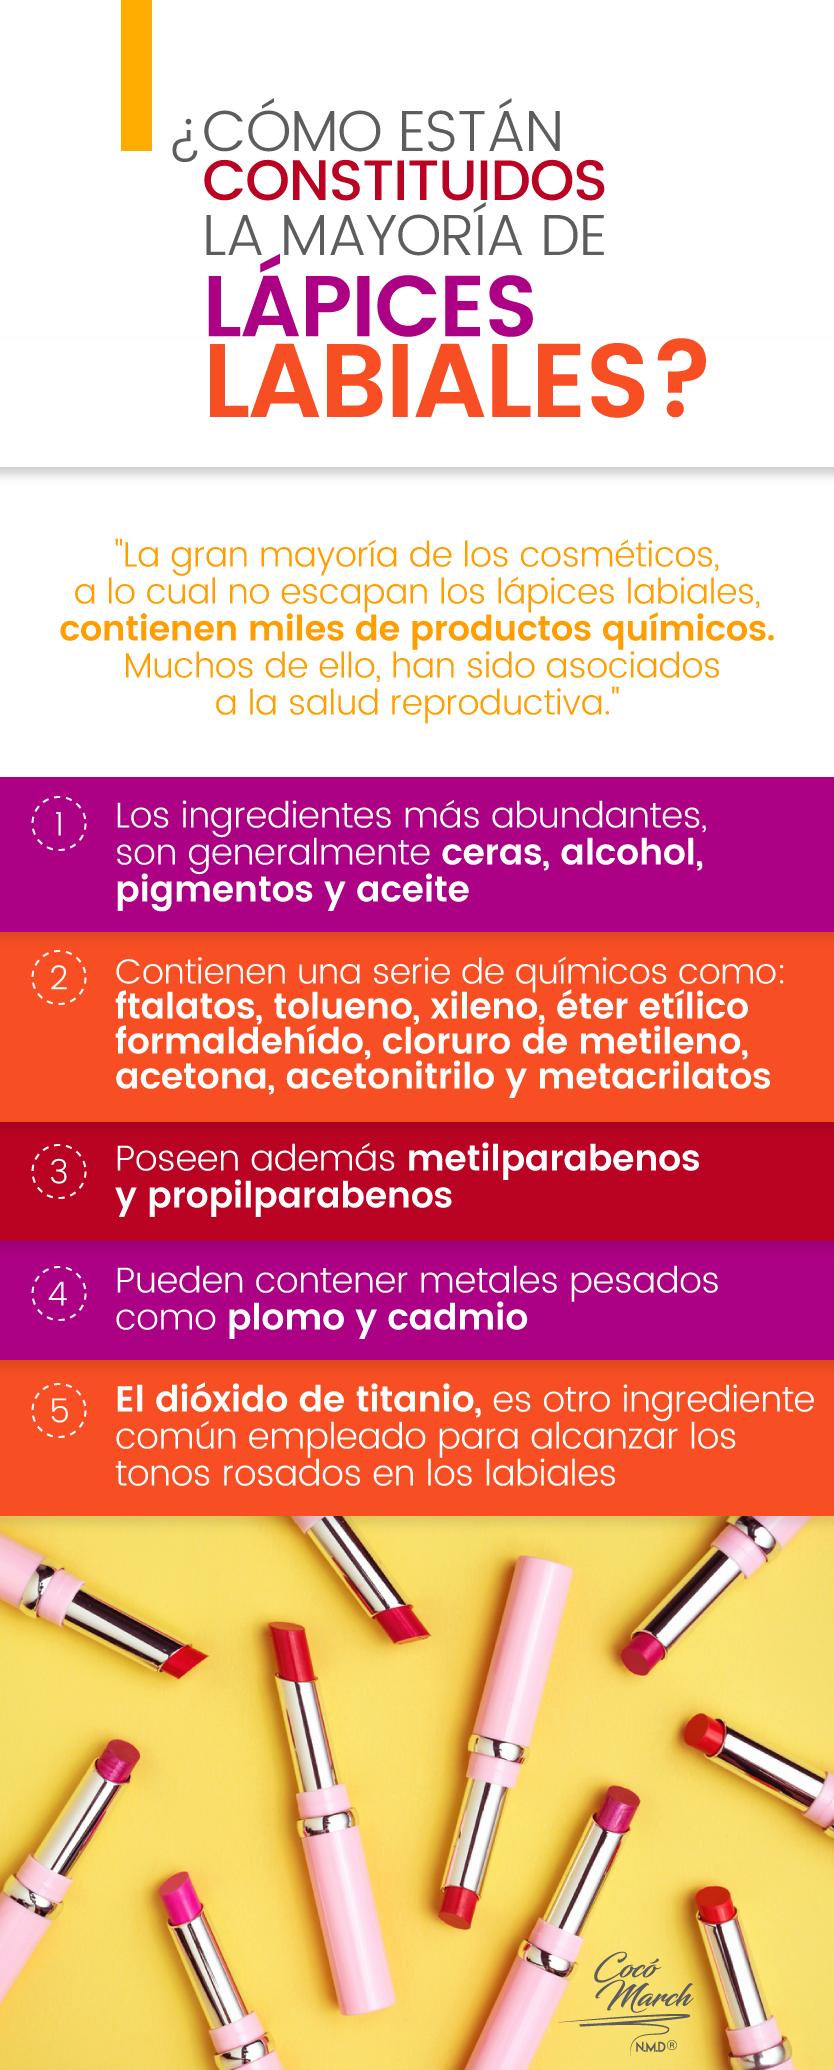 lapices-labiales